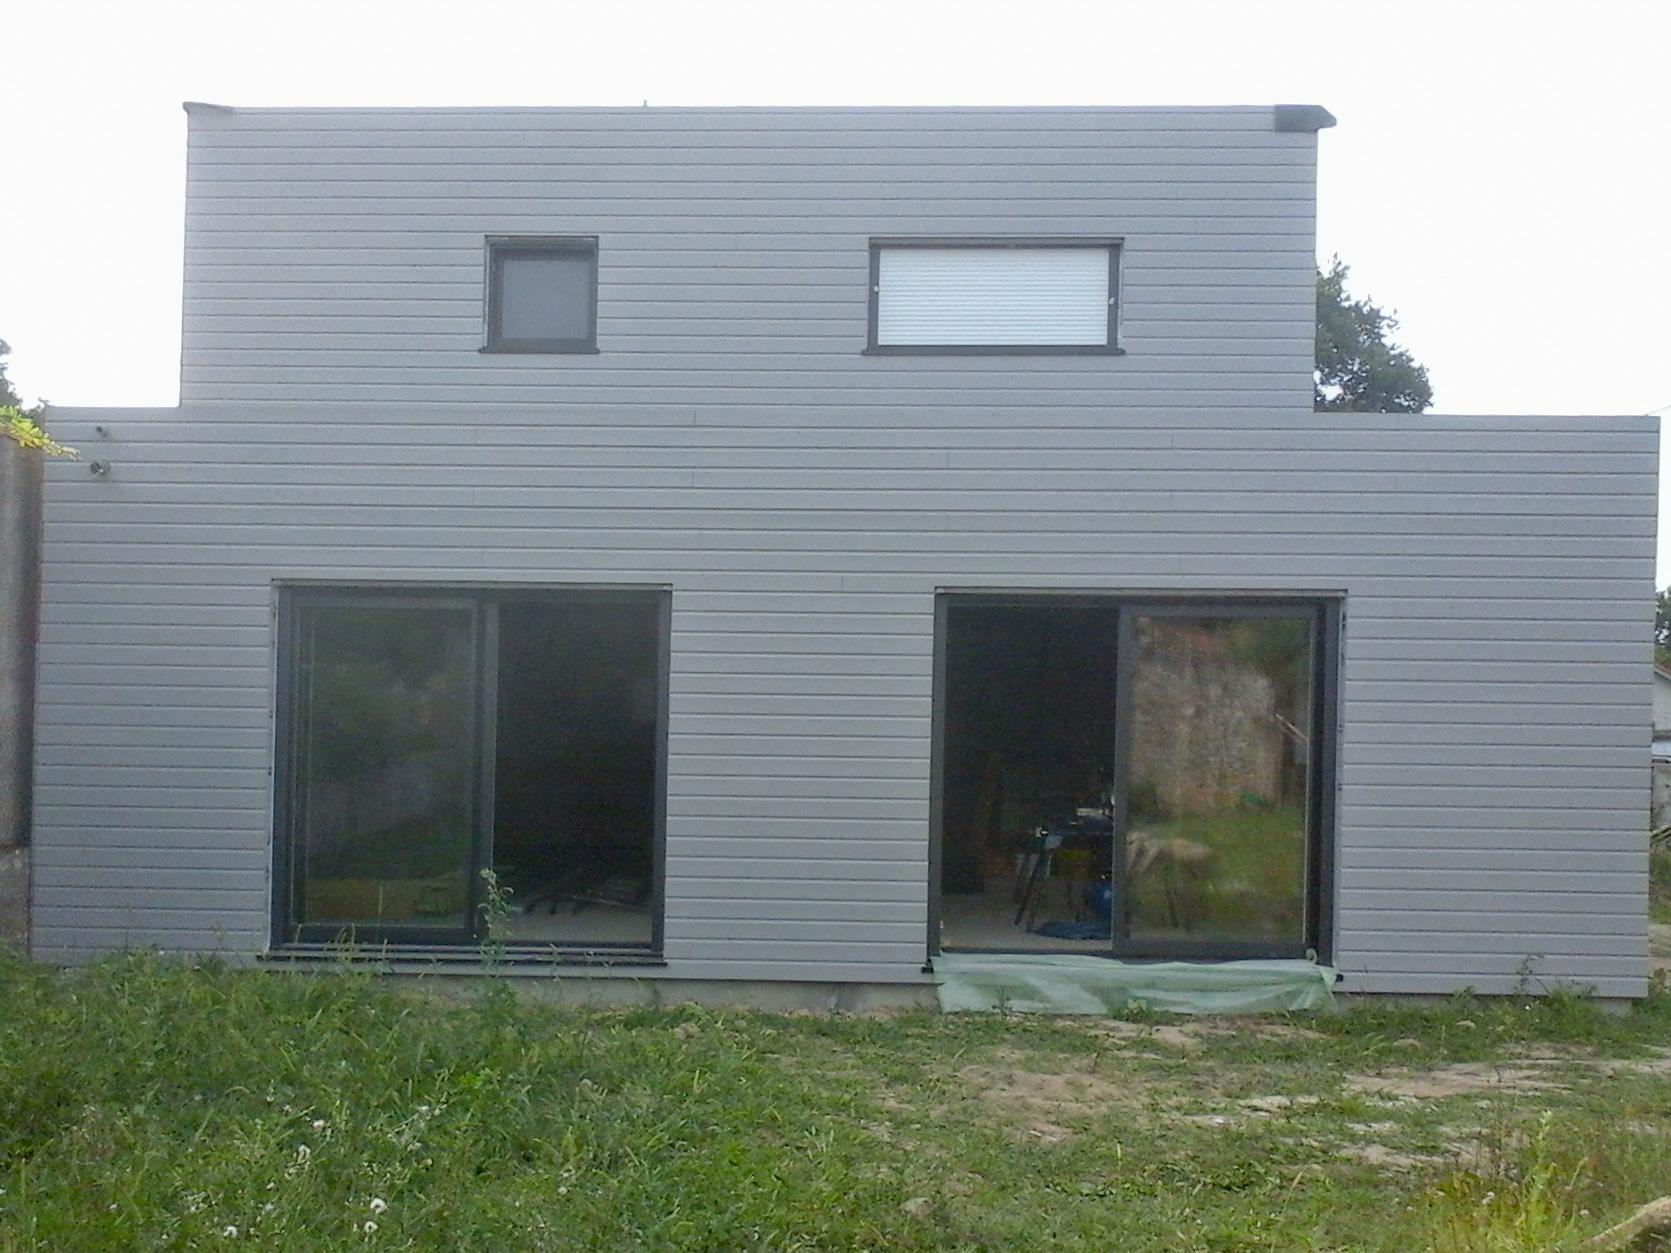 Maison ossature bois crepis exterieur for Exterieur maison bois